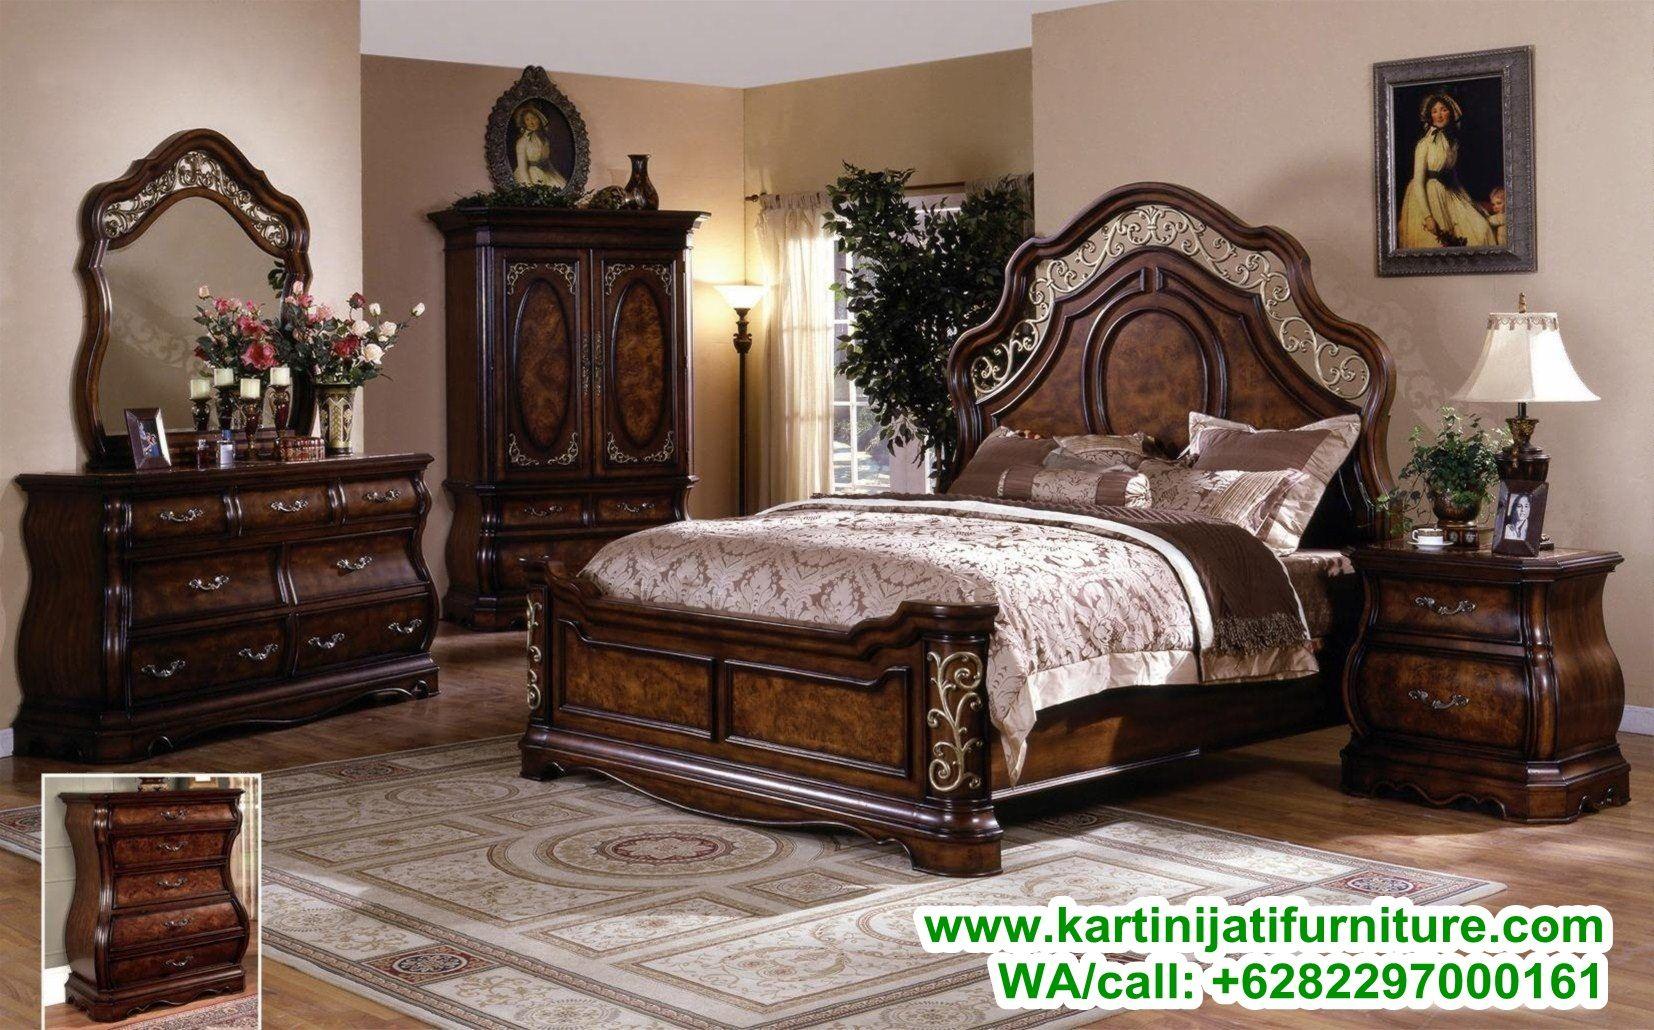 Set Kamar Kayu Jati Mewah Ini Merupakan Produk Furniture Yang  # Muebles En Fayetteville Nc